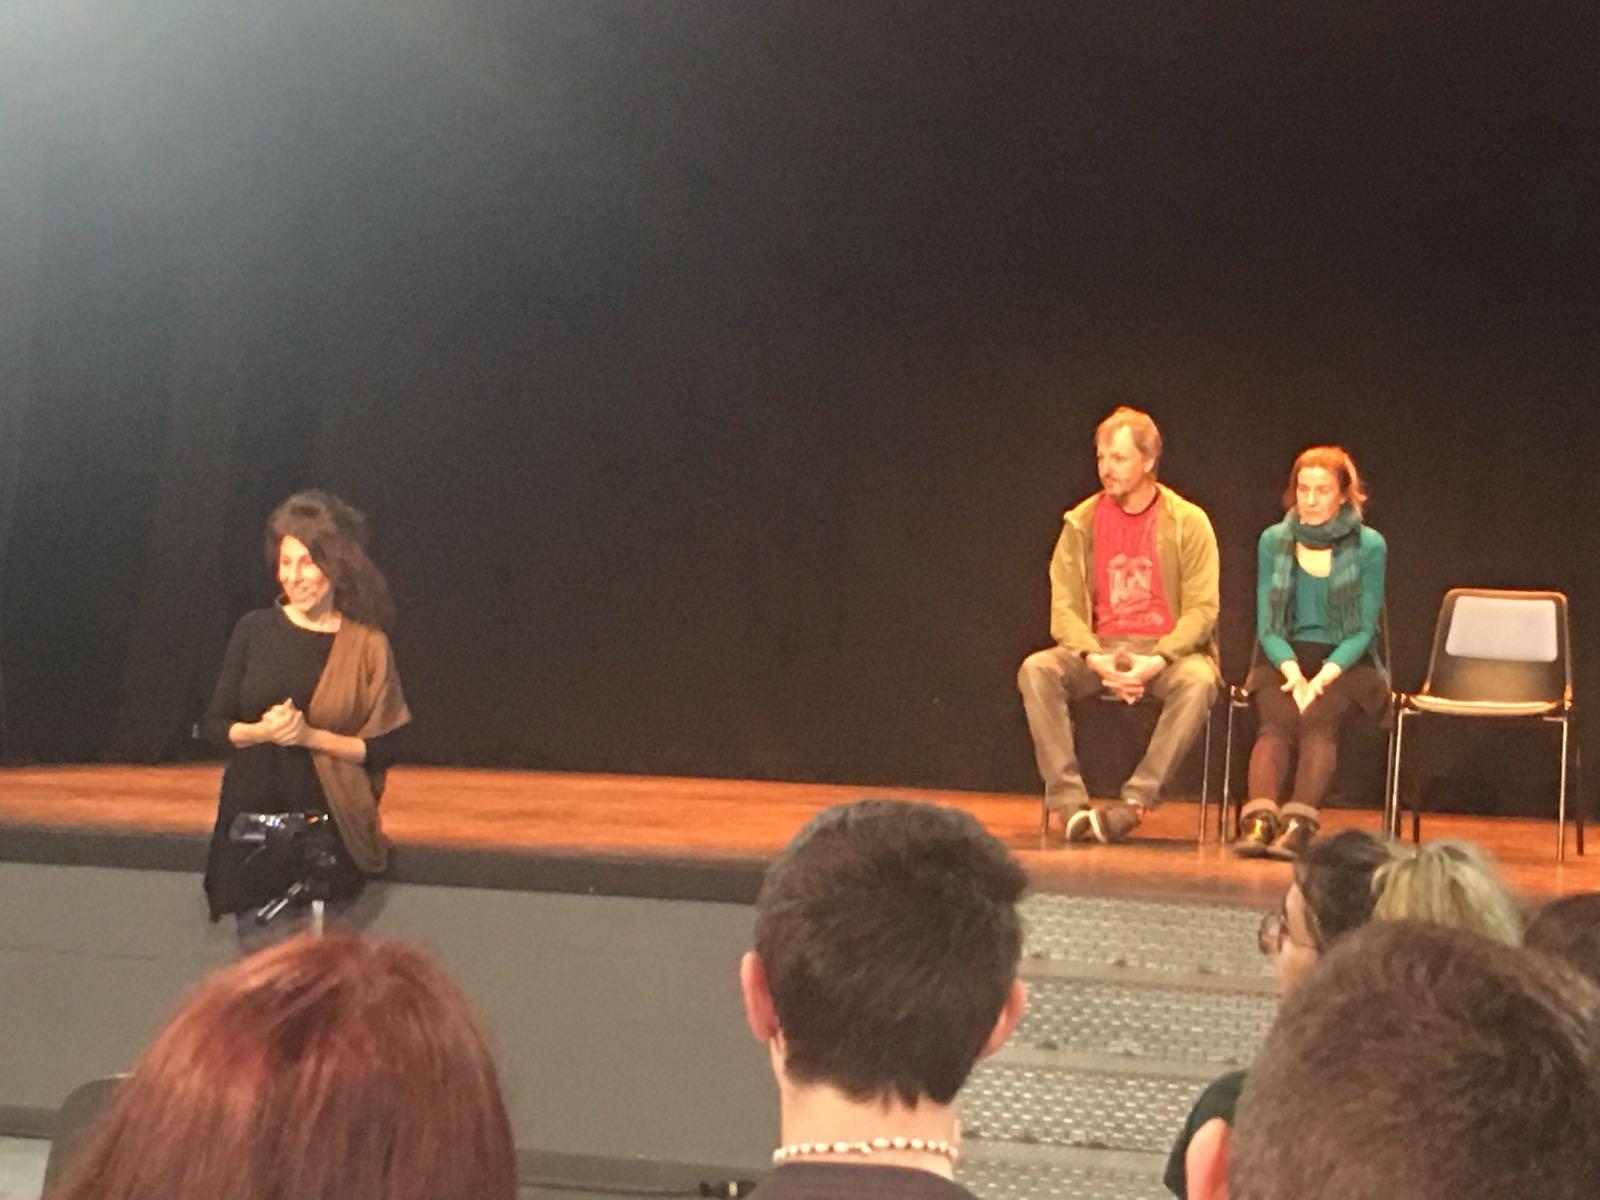 Amor en escena - Si es amor, no duele - Taller de teatro para la prevención de la violencia de género - Teatro que cura 3